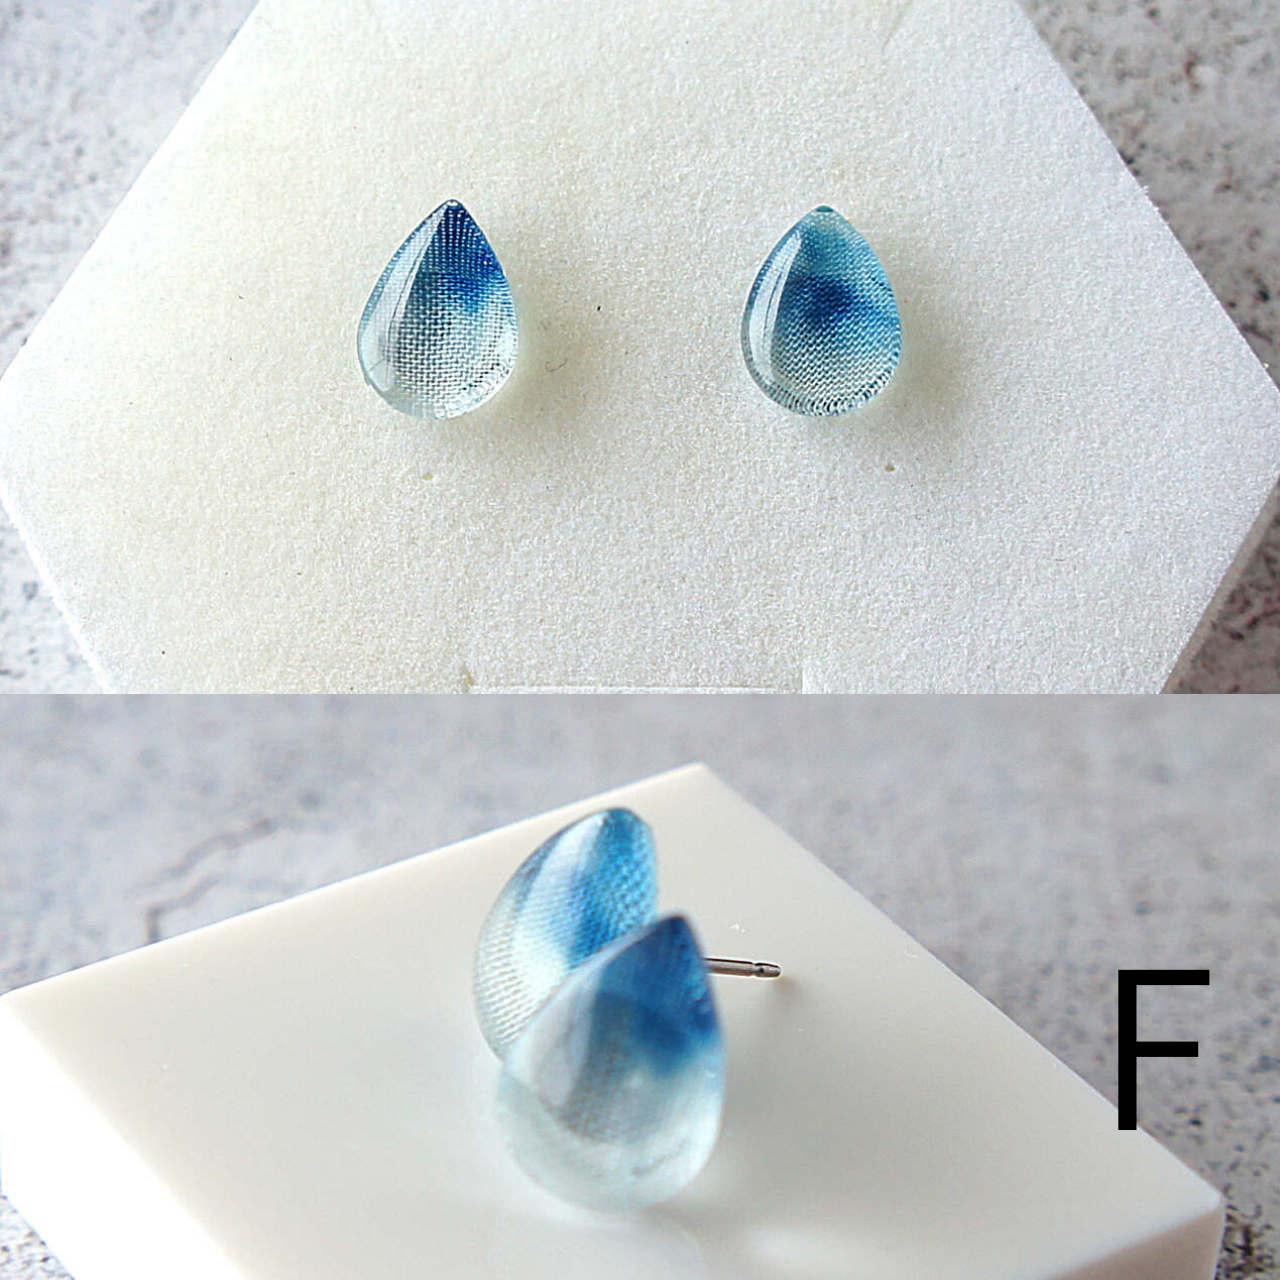 """"""" 藍染硝子-aizome-″ 淡い配色小ぶり 18mm以下"""